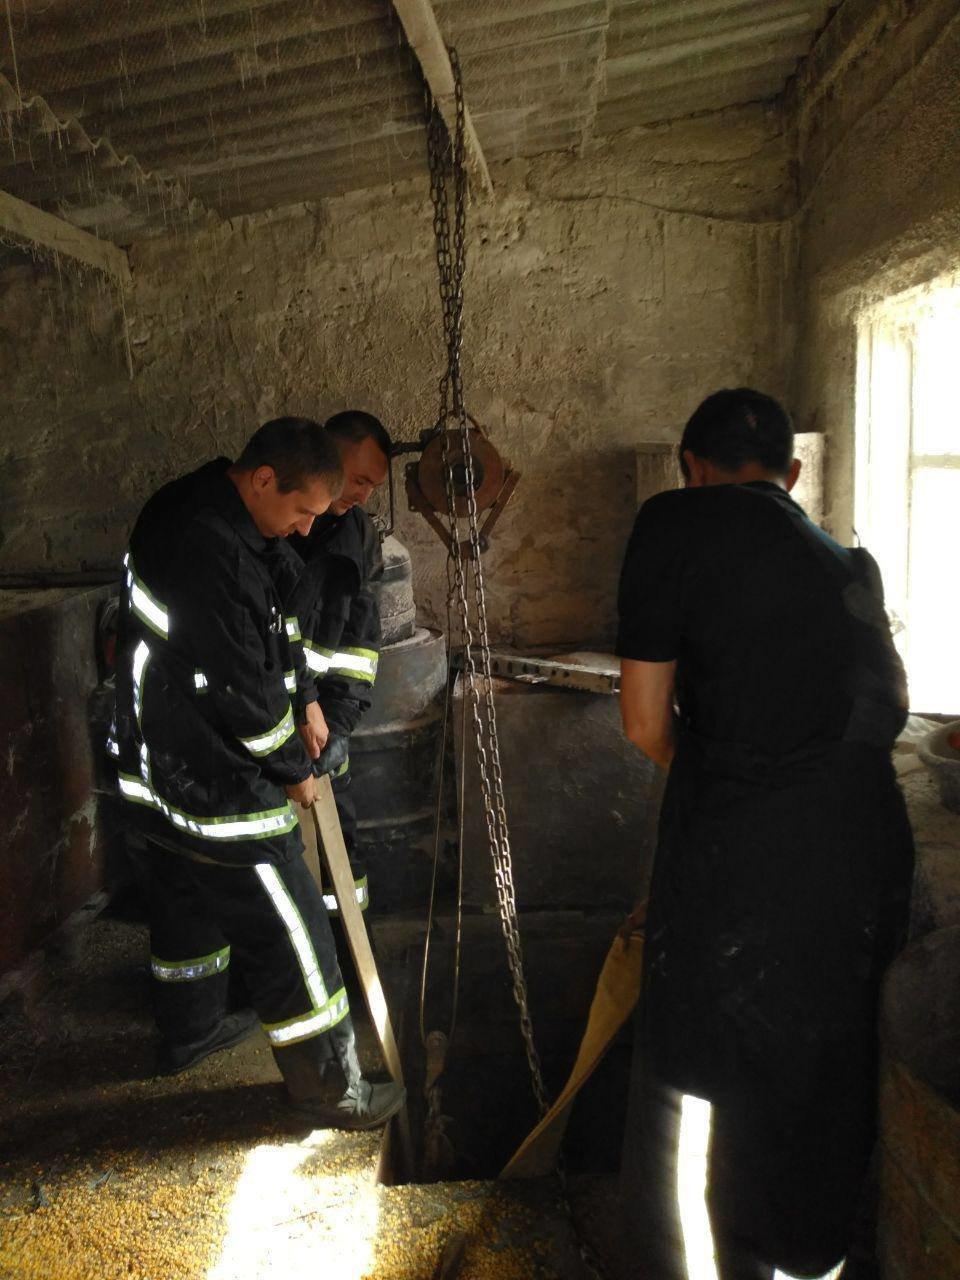 Под Запорожьем спасатели доставали из подвала корову: понадобился кран, - ФОТО, фото-1